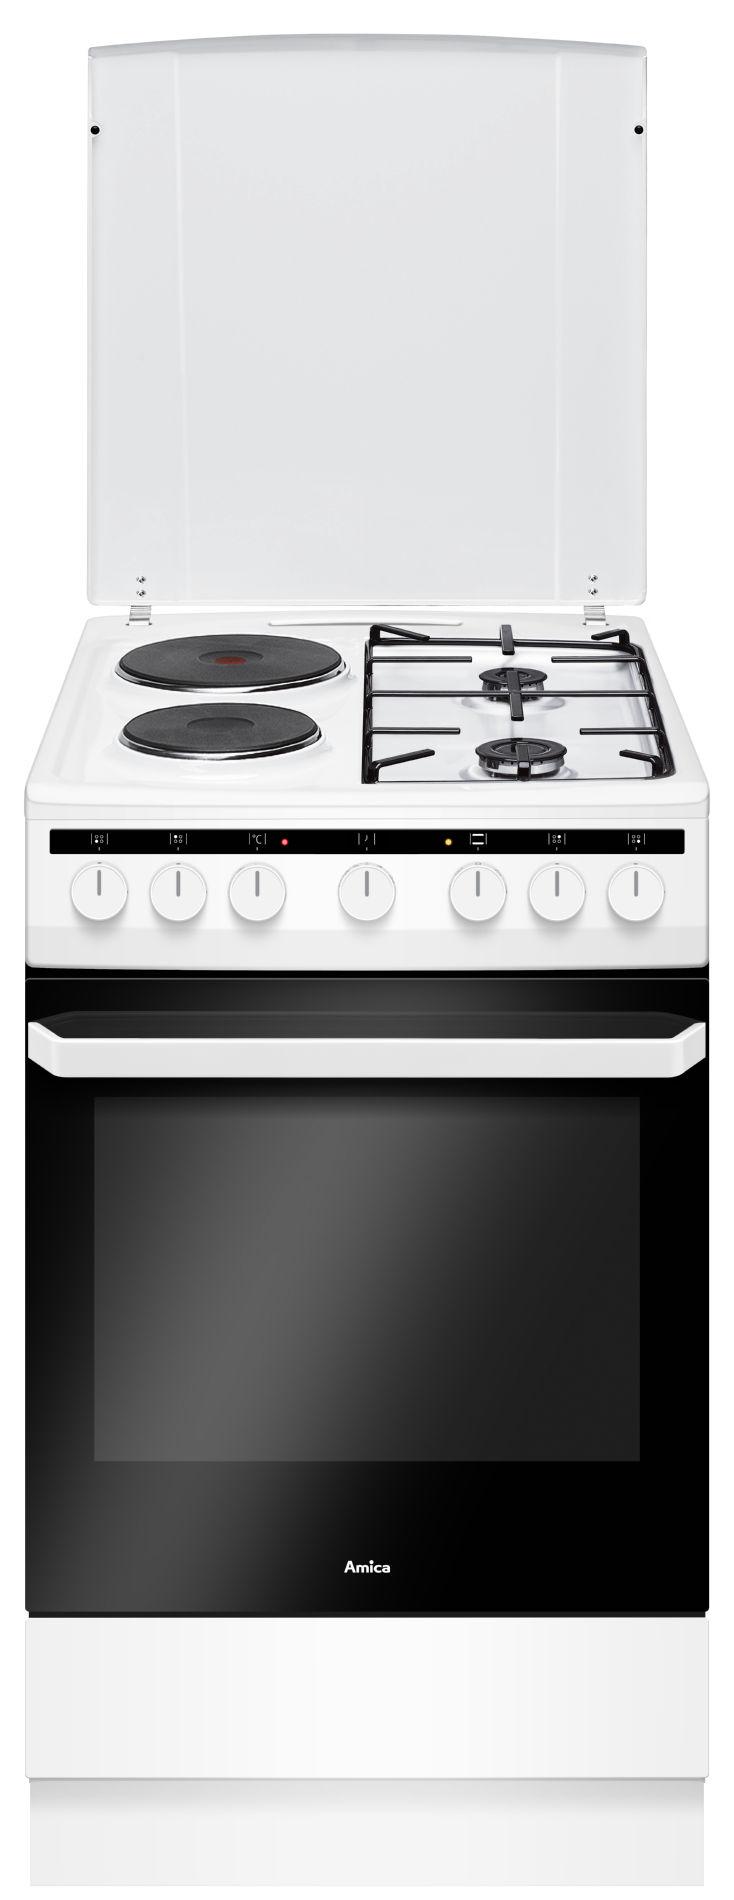 Kuchnia wolnostojąca gazowo elektryczna 500 58ME2 35HZpMs(W)  Amica -> Kuchnia Amica Gazowo Elektryczna Instrukcja Obslugi